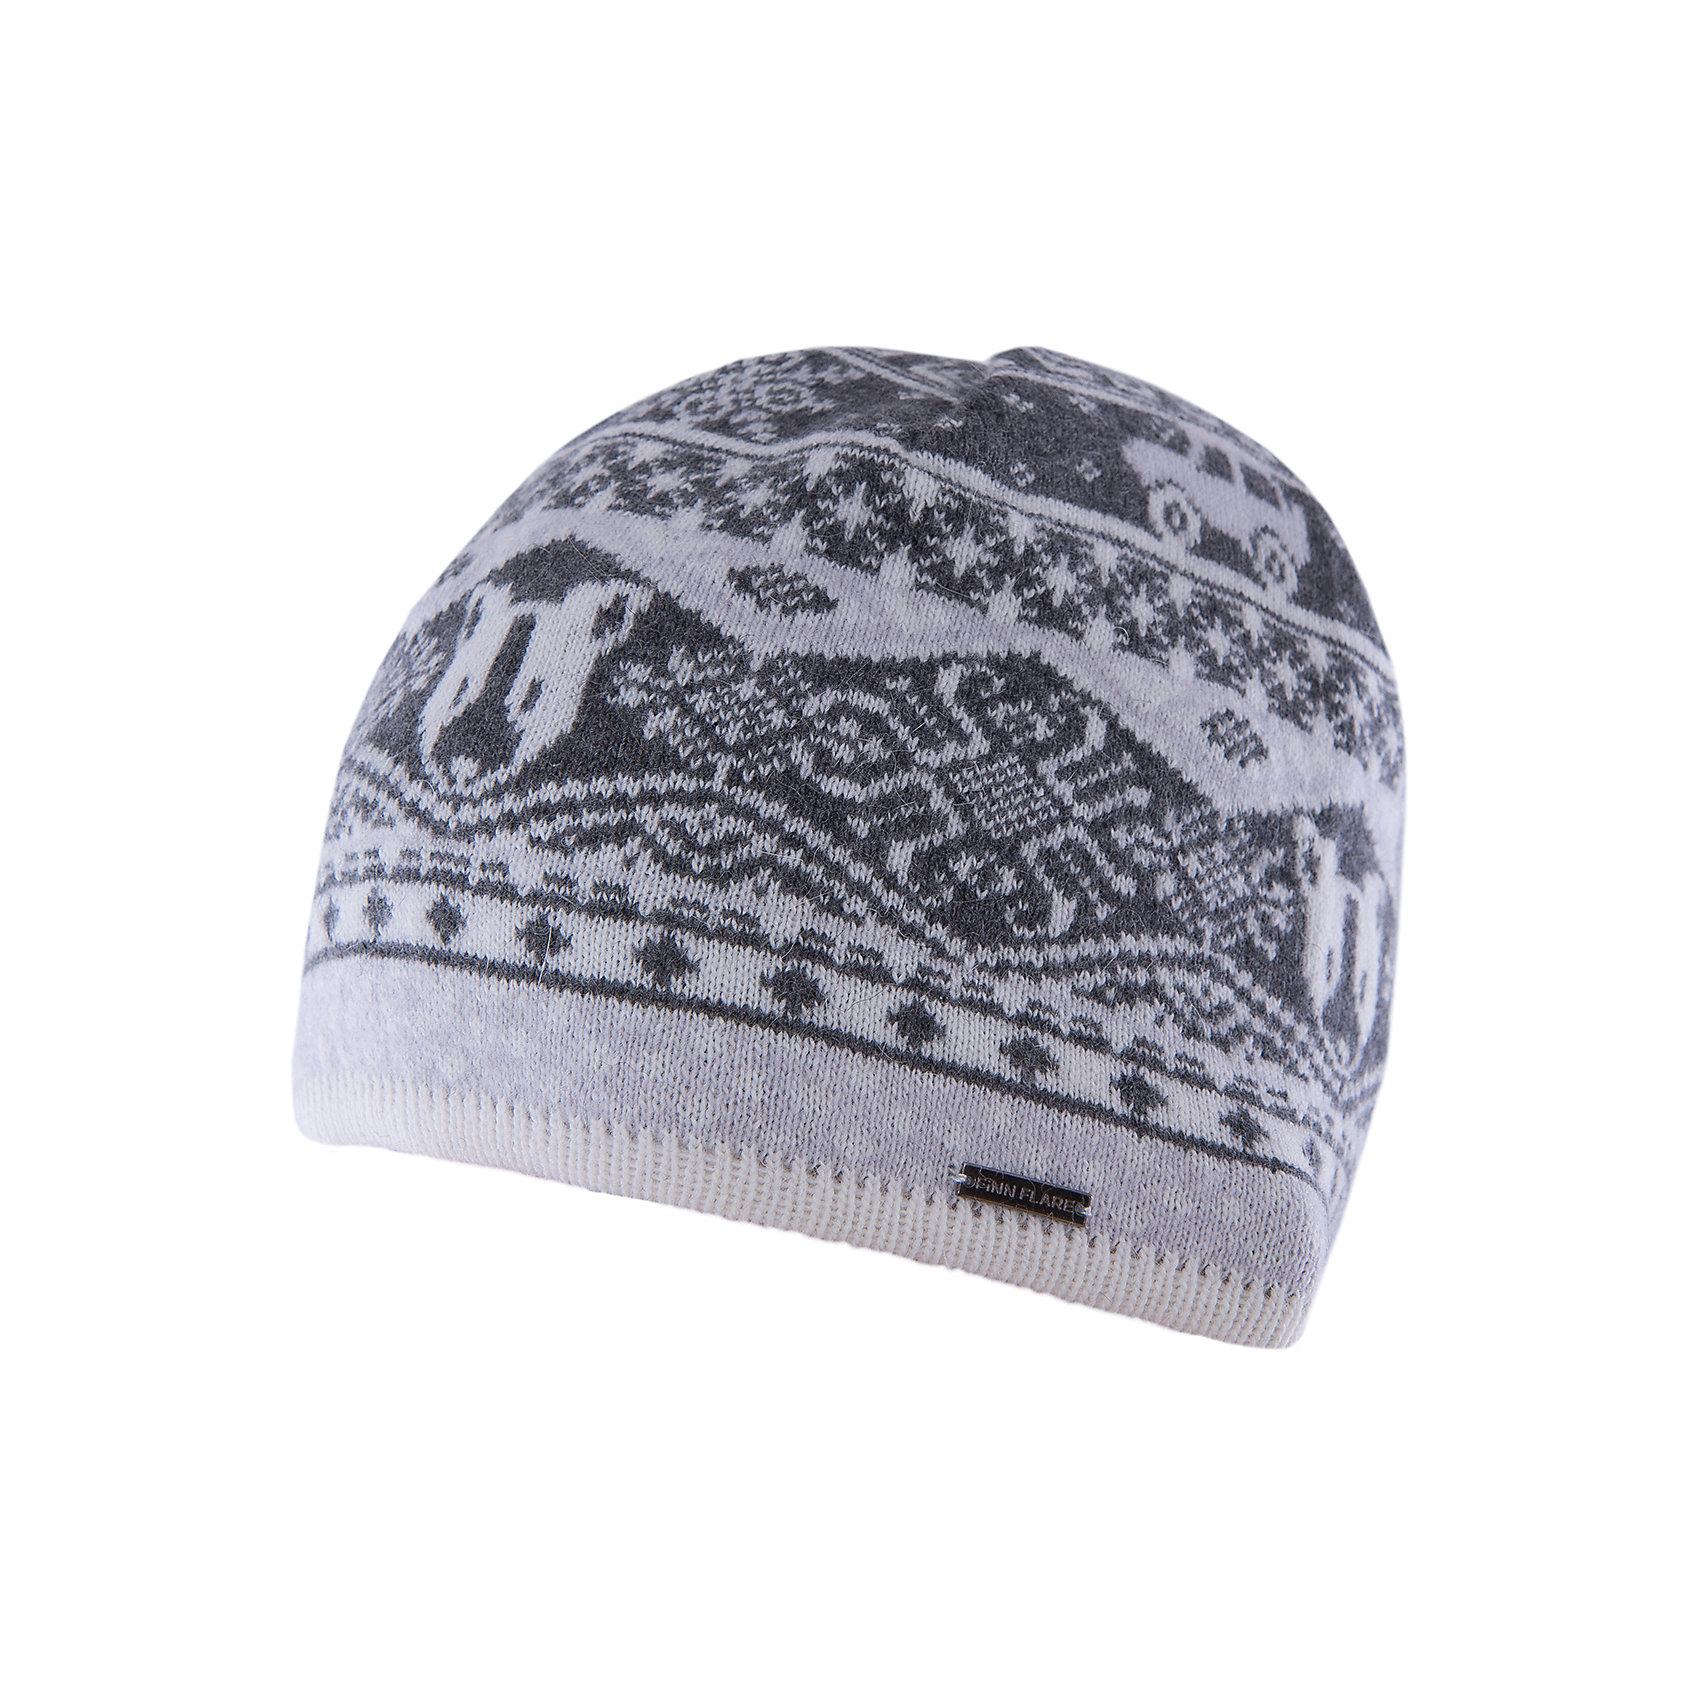 Шапка для мальчика Finn FlareГоловные уборы<br>Шапка известной марки Finn Flare.<br><br>Детская шапка используется в весенне-осенний сезон. Шапка вязаная, тонкая, украшена принтом. Легко стирается и хорошо носится. <br><br>Состав: 80% шерсть, 20% нейлон<br><br>Шапку для мальчика Finn Flare можно купить в нашем интернет-магазине.<br><br>Ширина мм: 89<br>Глубина мм: 117<br>Высота мм: 44<br>Вес г: 155<br>Цвет: серый<br>Возраст от месяцев: 60<br>Возраст до месяцев: 72<br>Пол: Мужской<br>Возраст: Детский<br>Размер: 54<br>SKU: 4890386